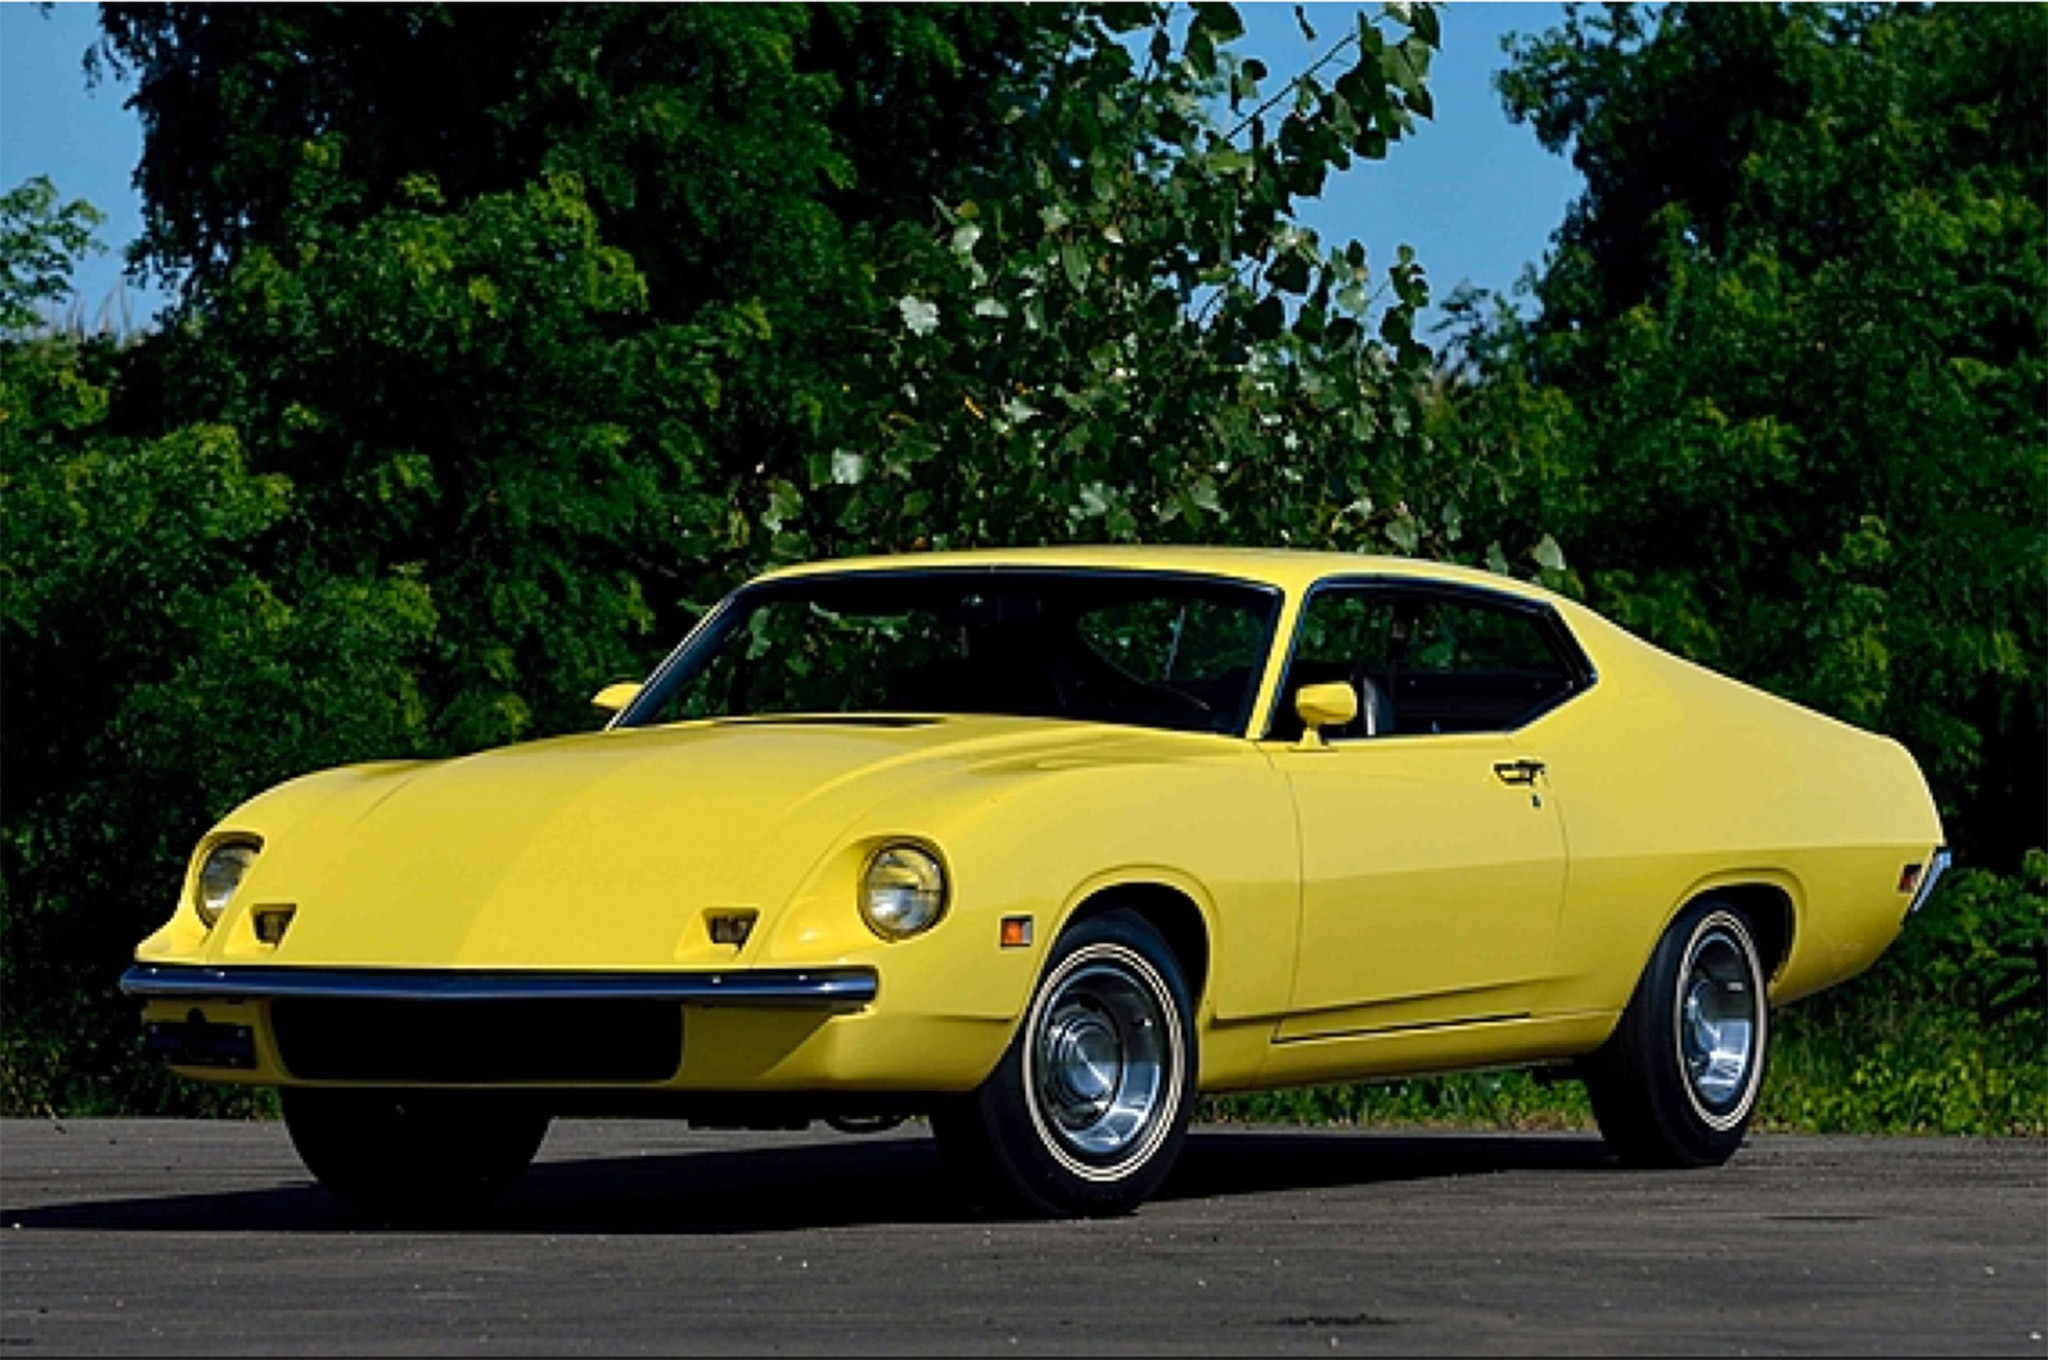 001 1970 Ford Torino King Cobra NASCAR GRILLE